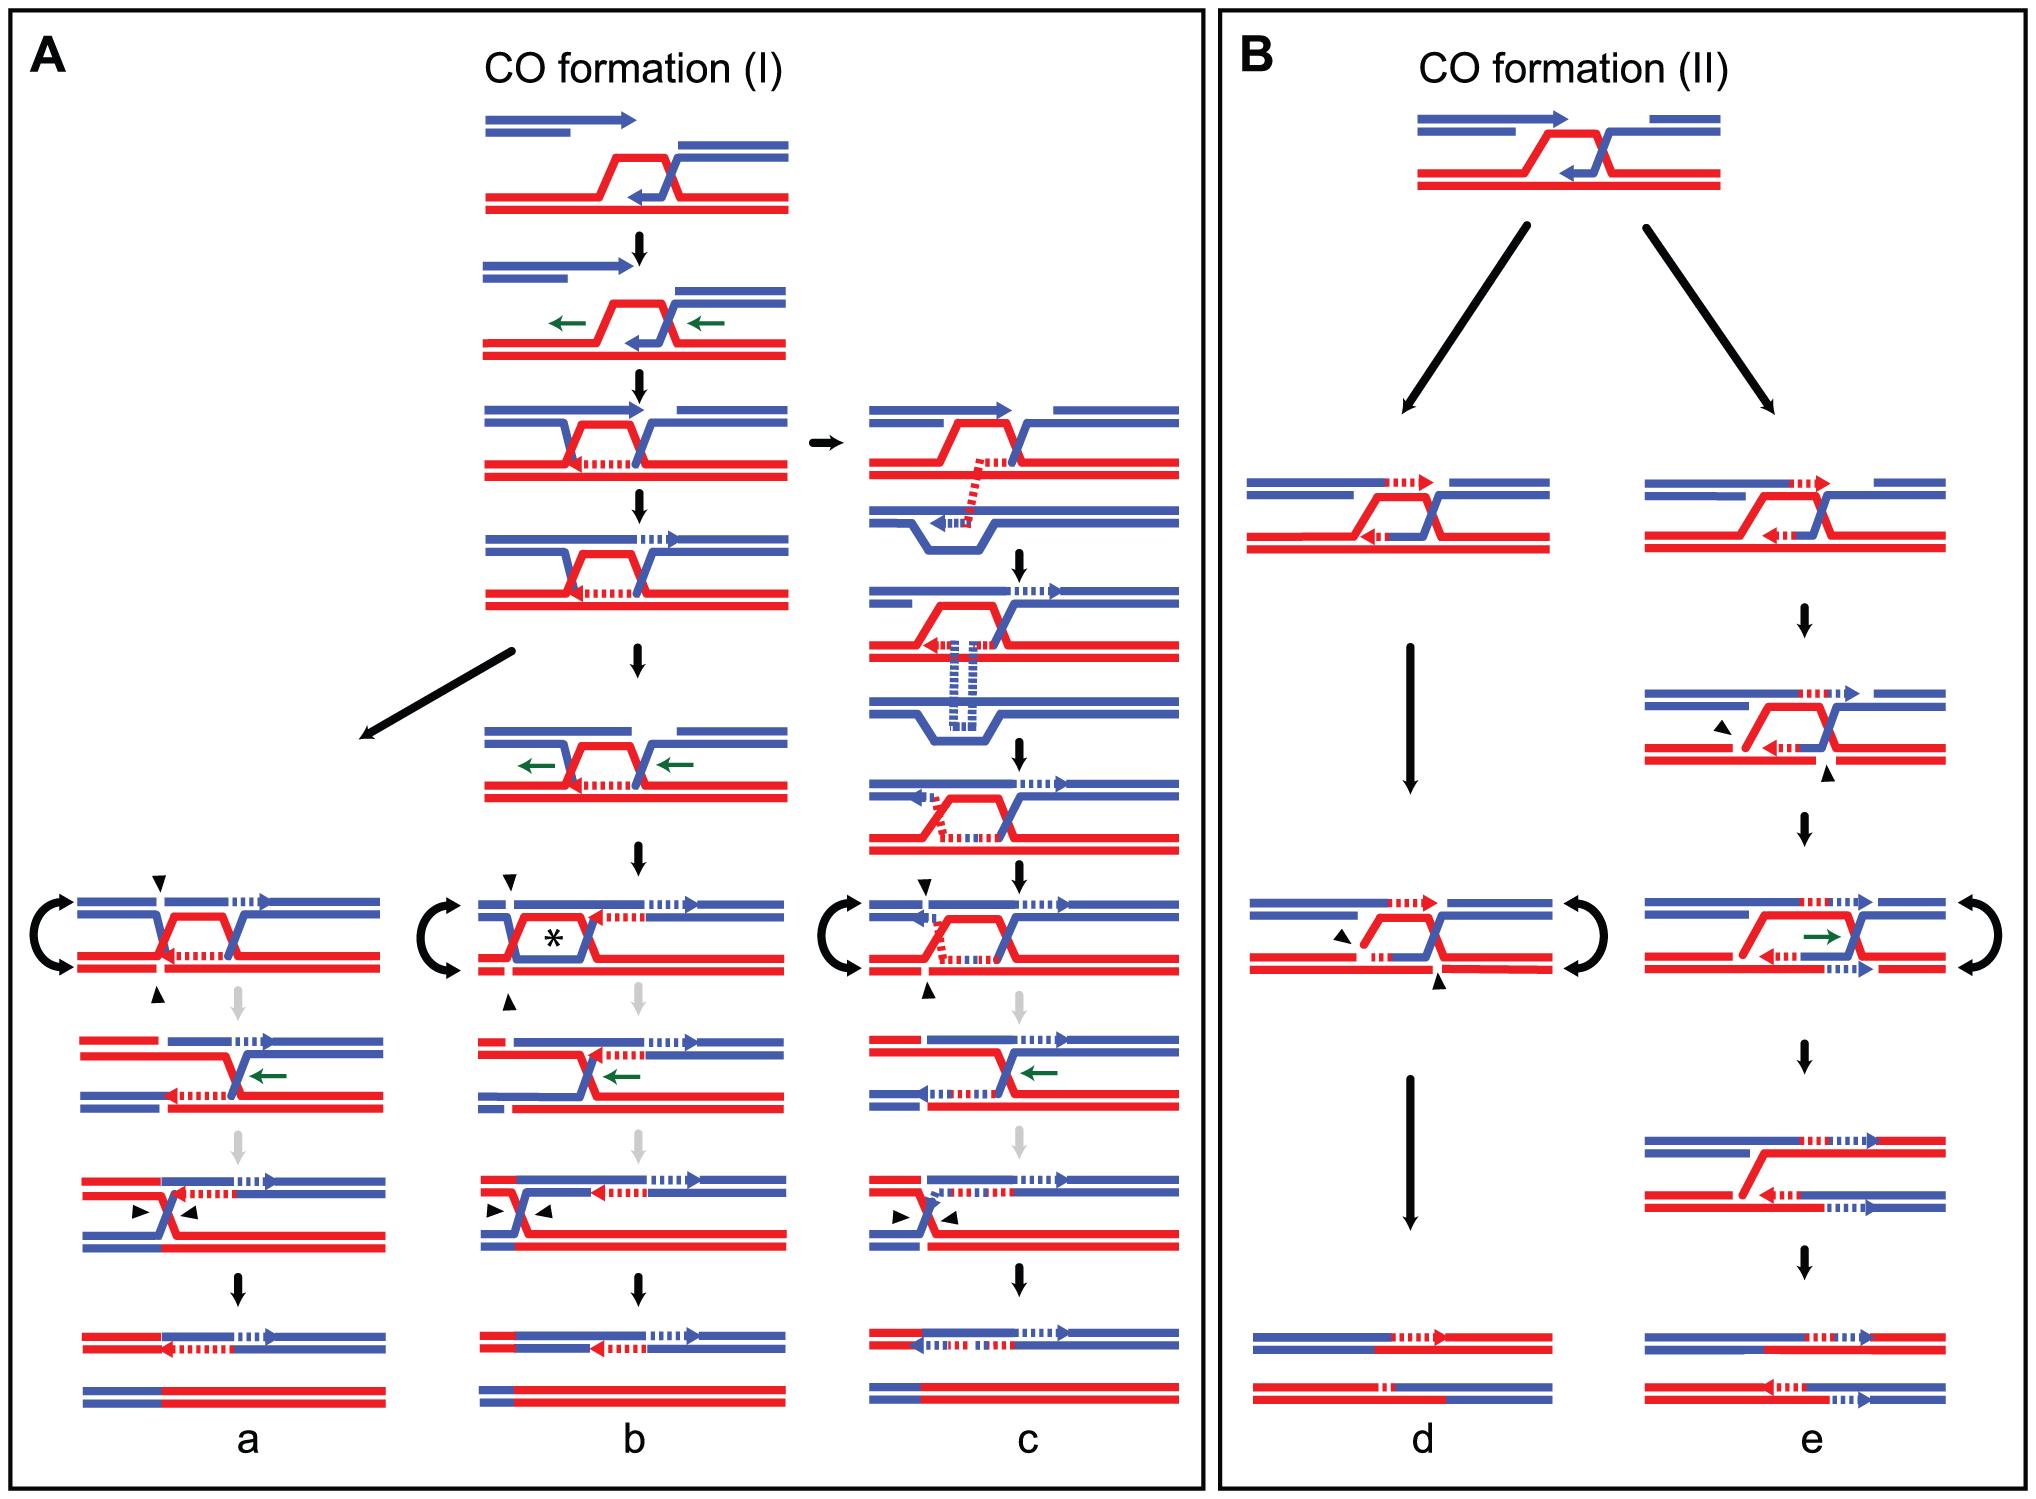 Models for meiotic CO formation.